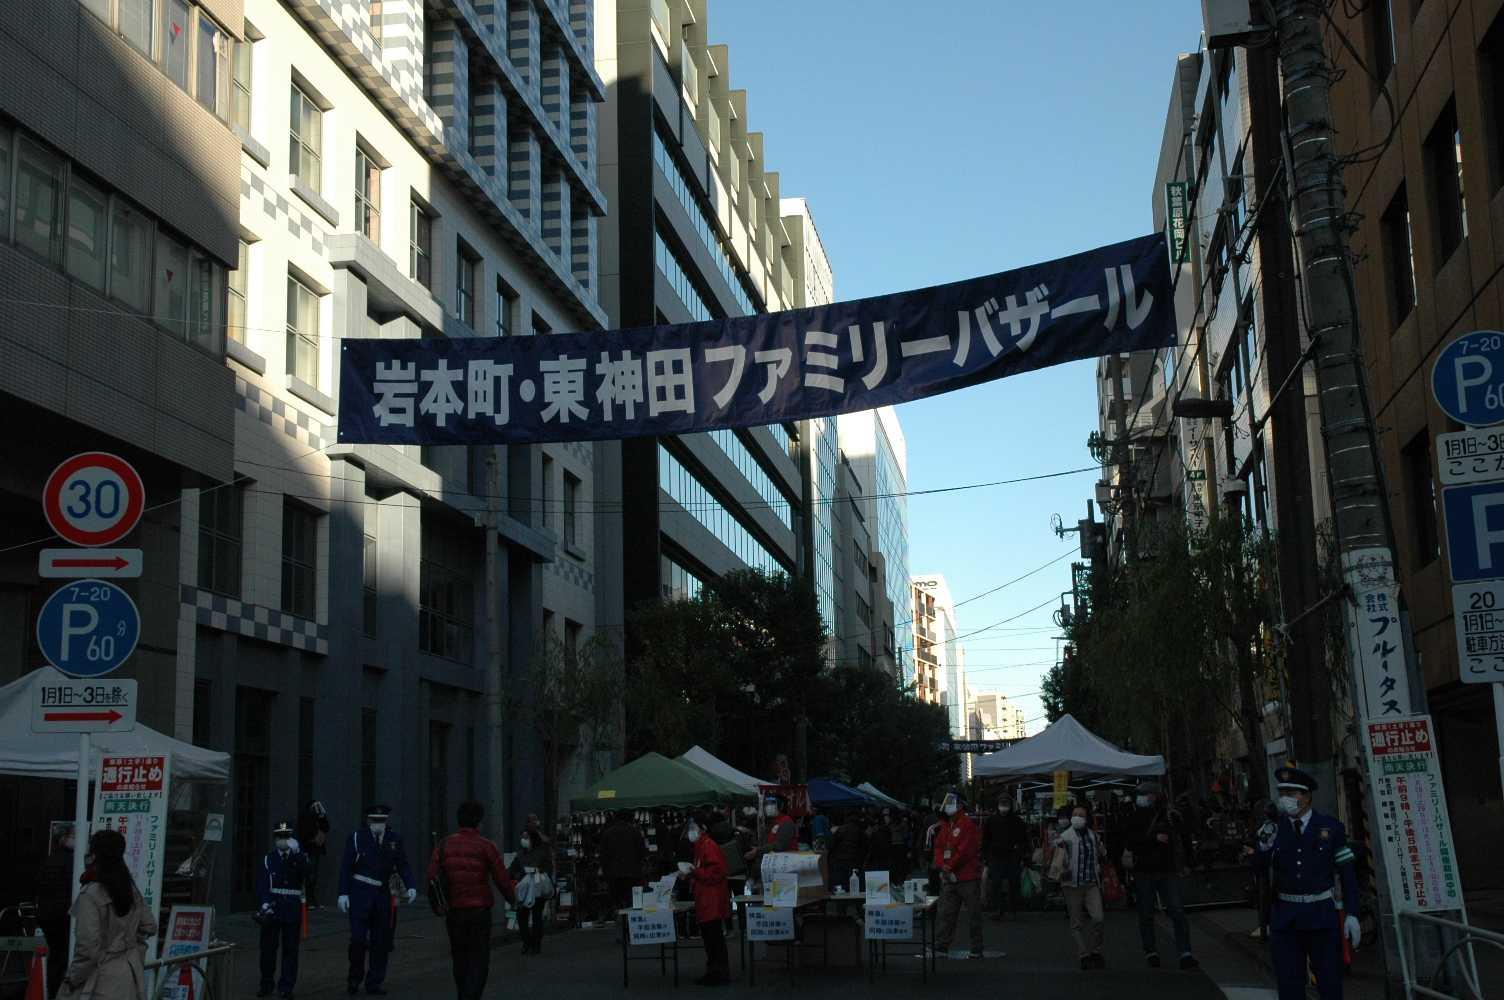 第82回ファミリーバザール第一週の開催の御礼…(つづく…)